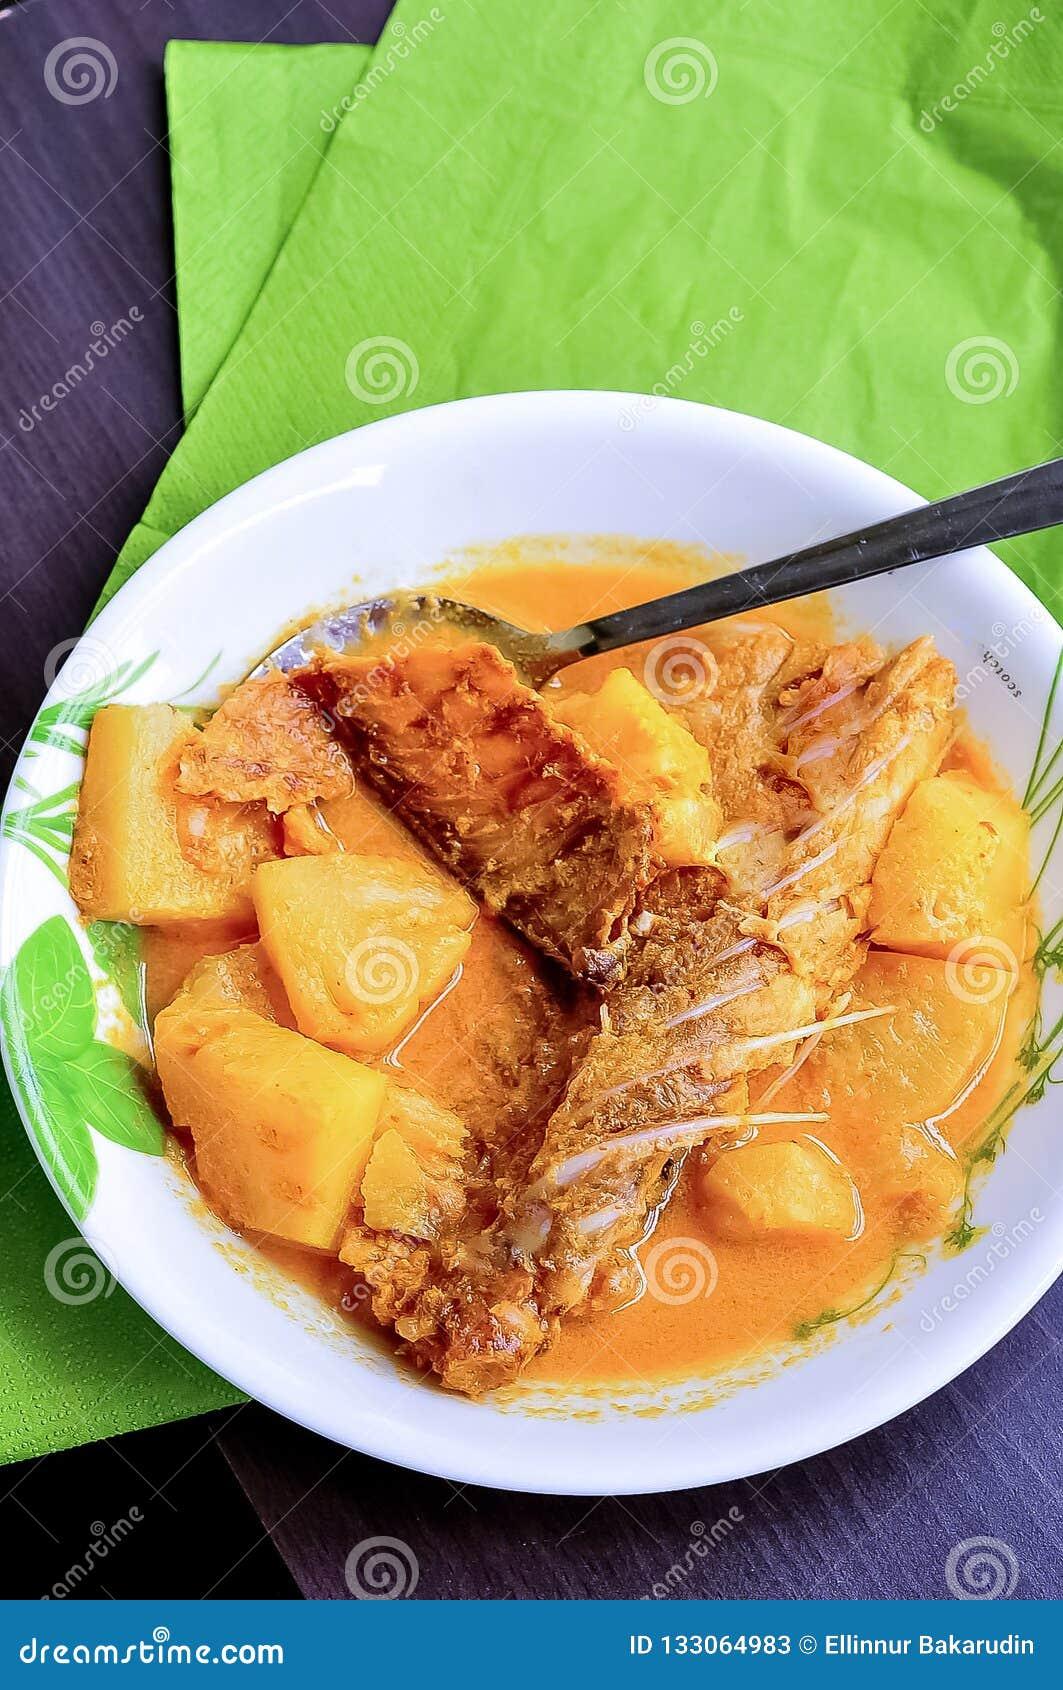 OS PEIXES de GULAI IKAN KERING/DRIED SURRAM/BOUILLABAISSES SALGADOS - o prato tradicional malaio serviu em uma placa branca